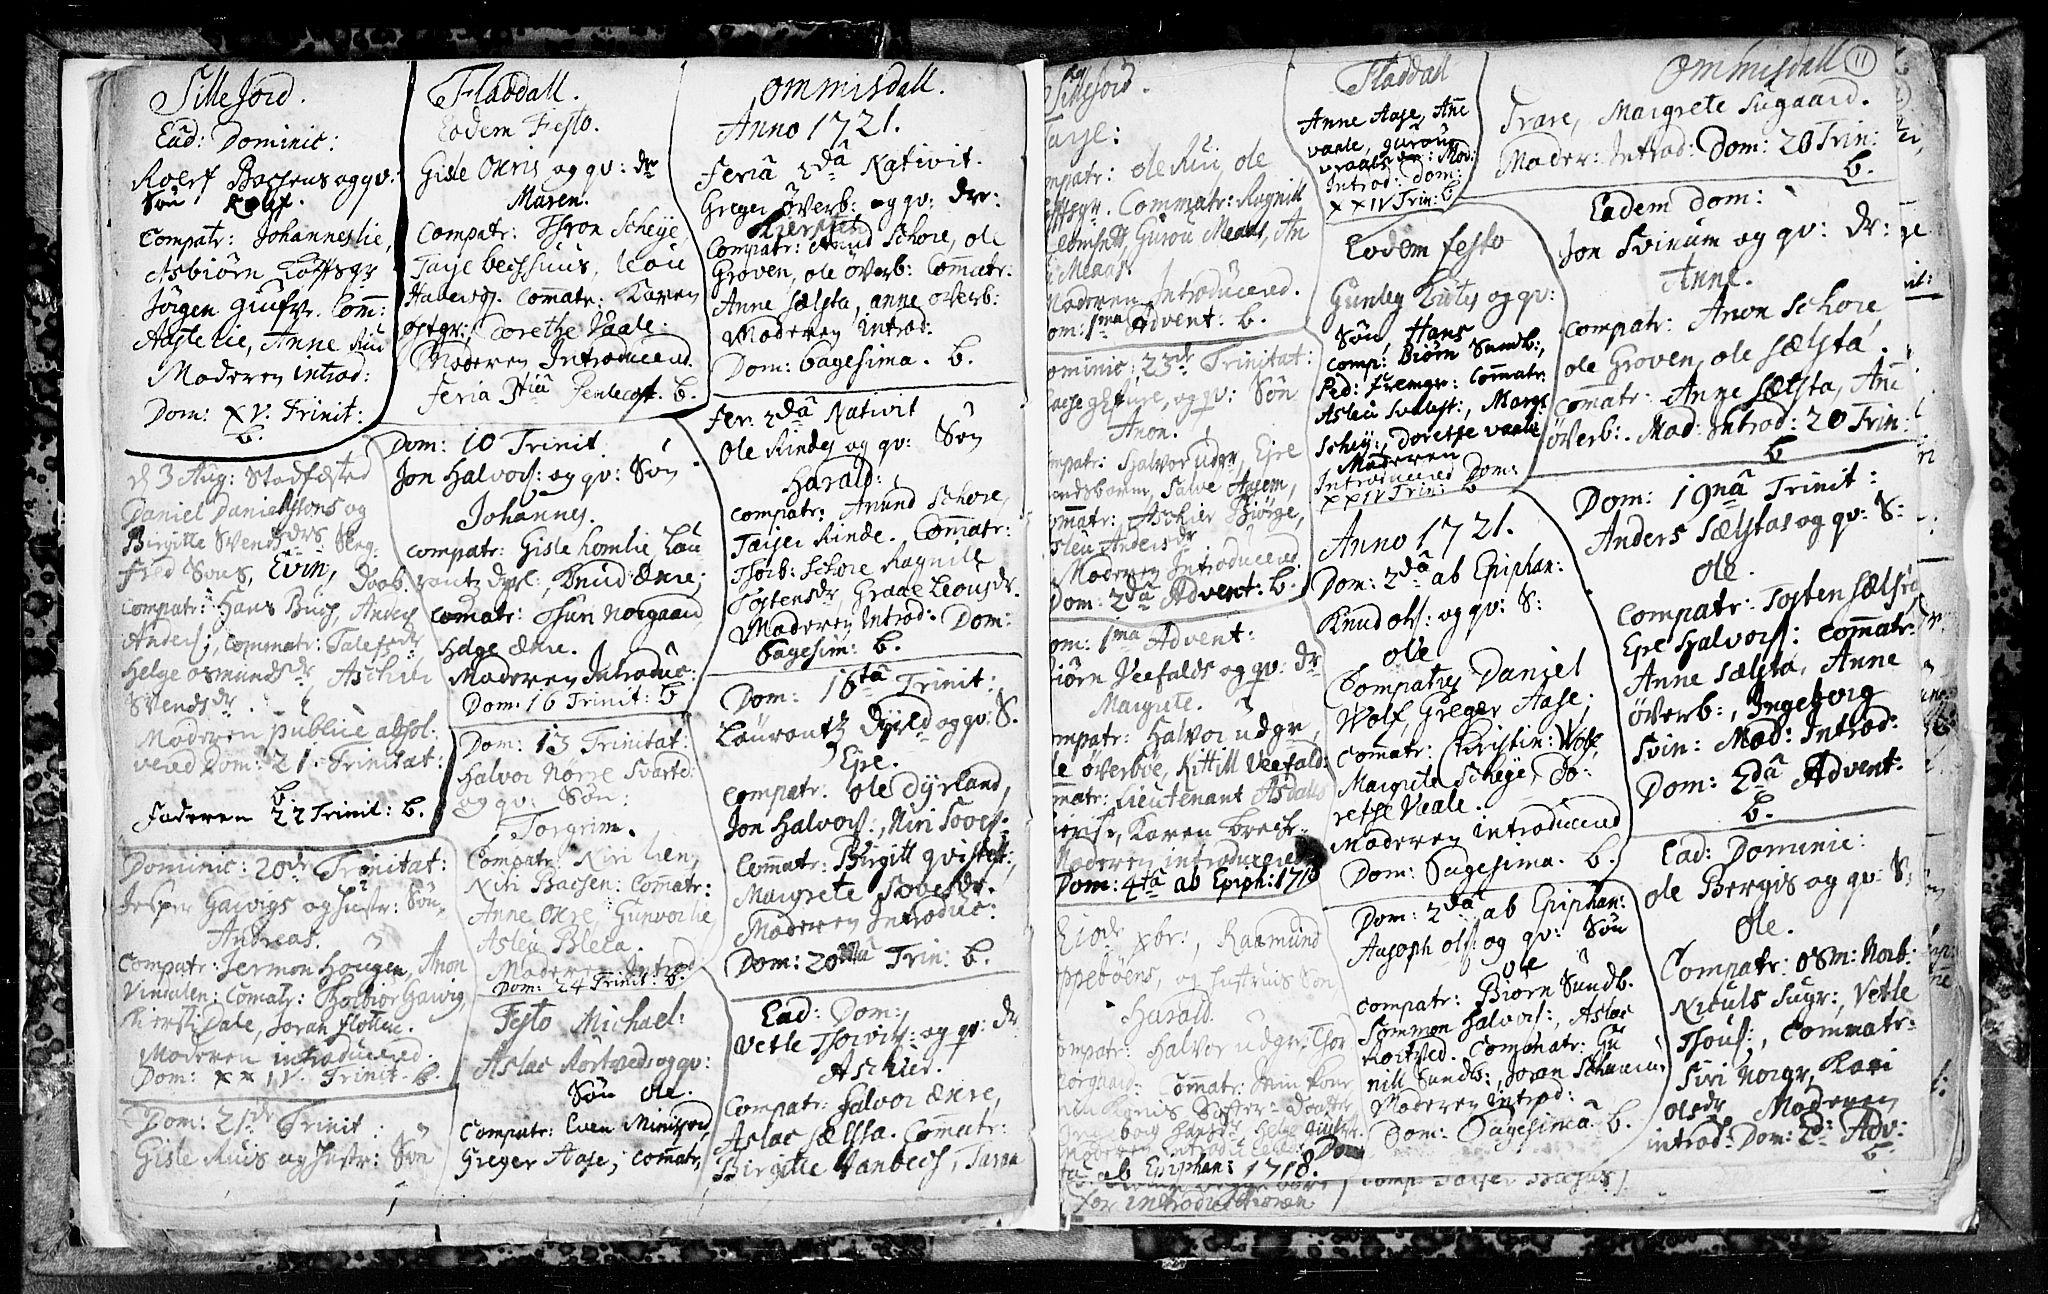 SAKO, Seljord kirkebøker, F/Fa/L0003: Ministerialbok nr. I 3, 1714-1725, s. 11